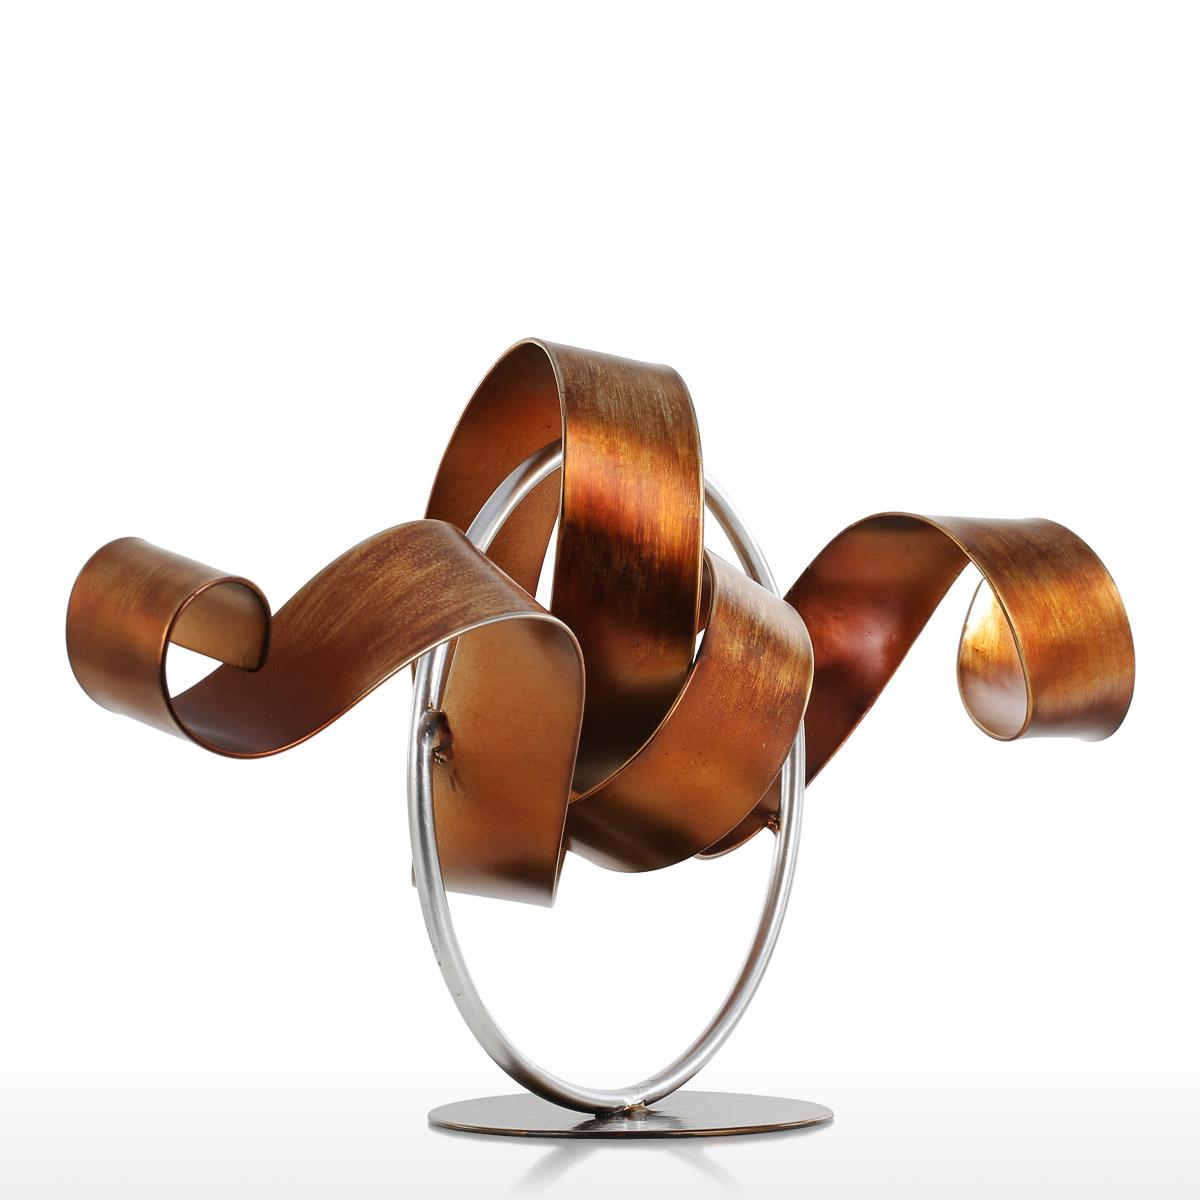 Tooarts Wriggle Sculpture Moderne Sculpture Abstraite Sculpture En M/étal Fer D/écor /À La Maison Int/érieur-Ext/érieur D/écor